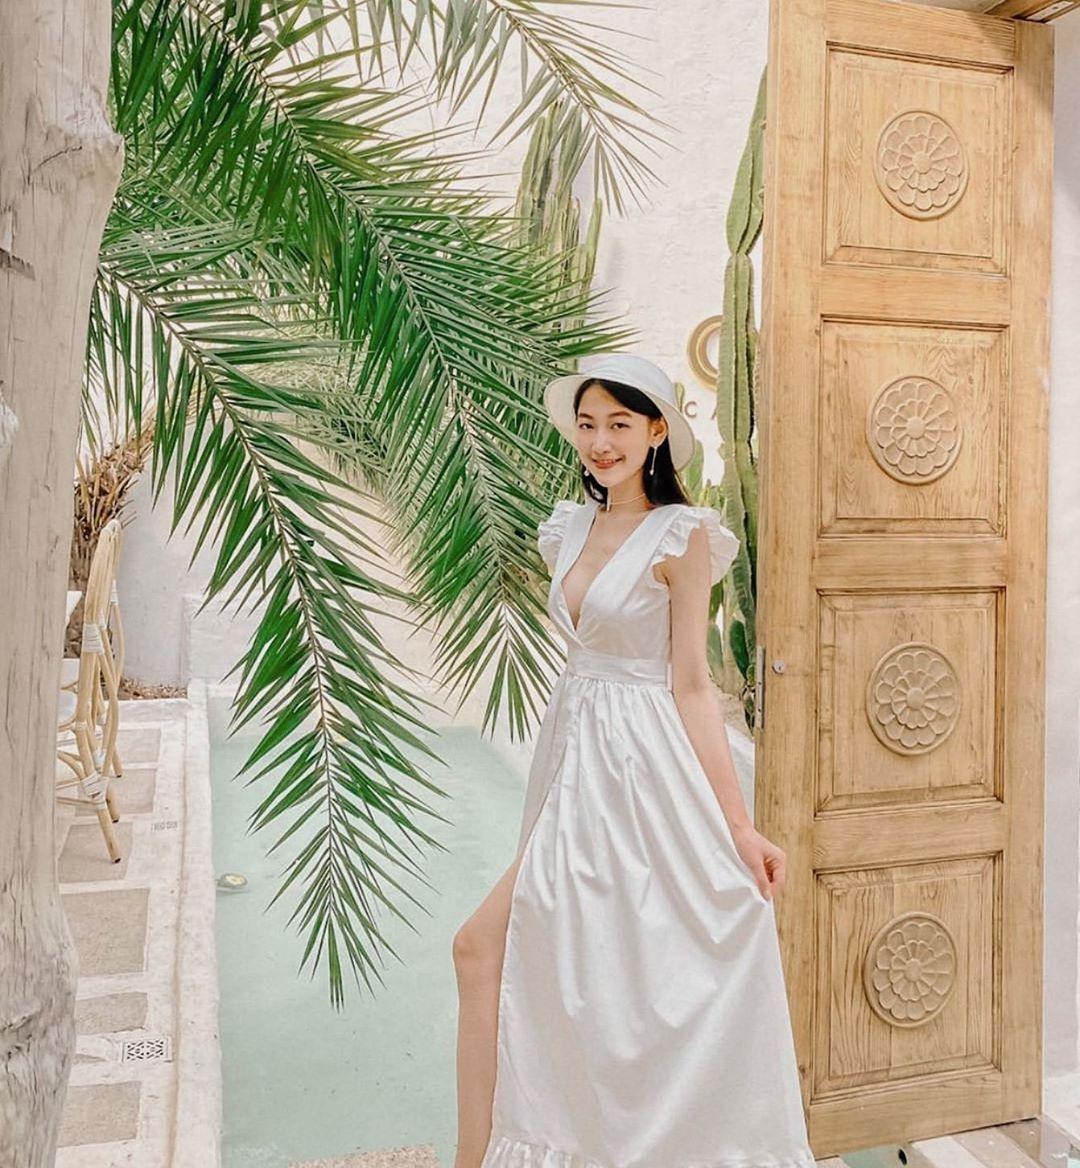 """Trời se lạnh mà """"quẩy"""" váy dáng dài là style sẽ yêu kiều như gái Pháp, điểm sang chảnh cũng tăng ngùn ngụt - Ảnh 6."""